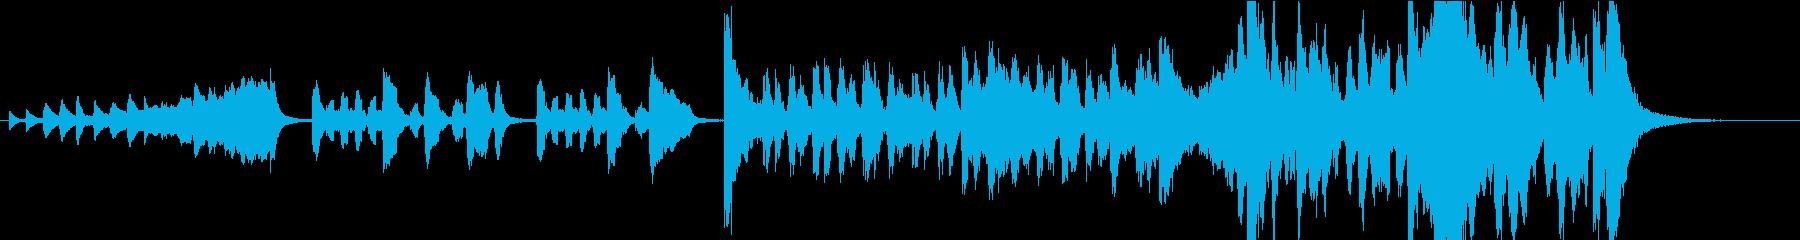 3段階の昇格を1つのジングルで表現の再生済みの波形